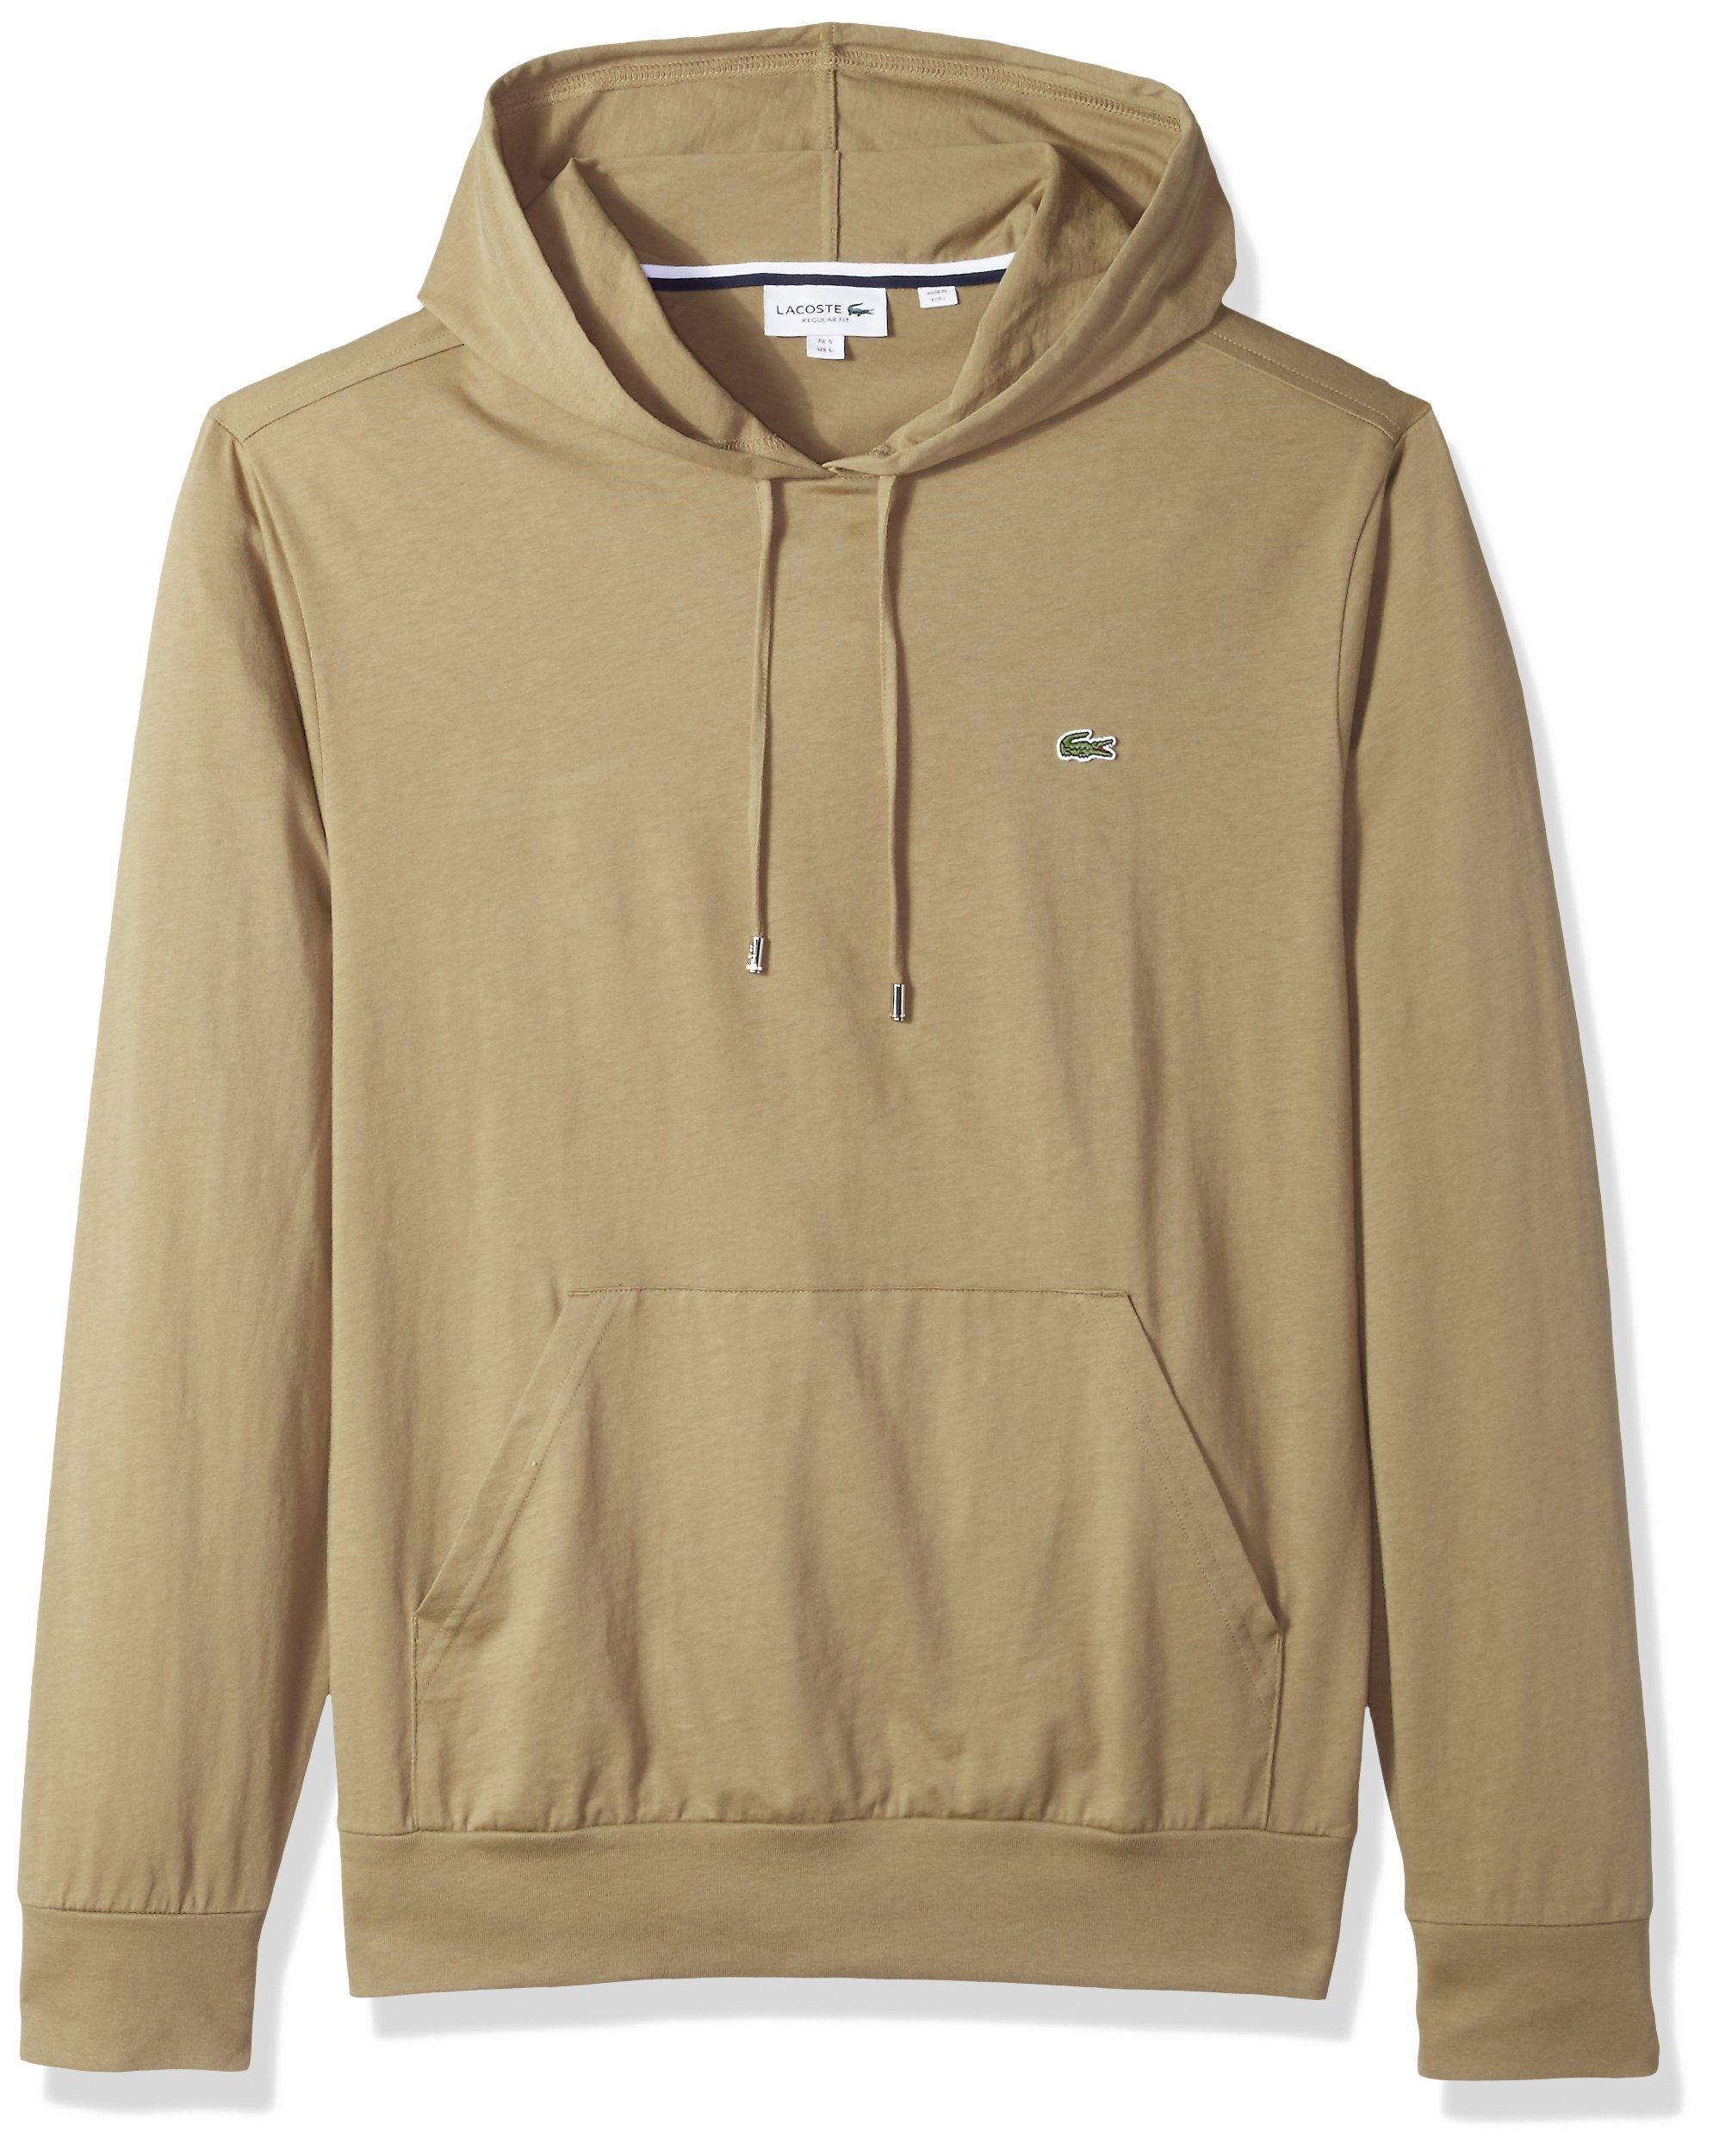 Lacoste Men's Hooded Cotton Jersey Sweatshirt, Aloe, XX-Large